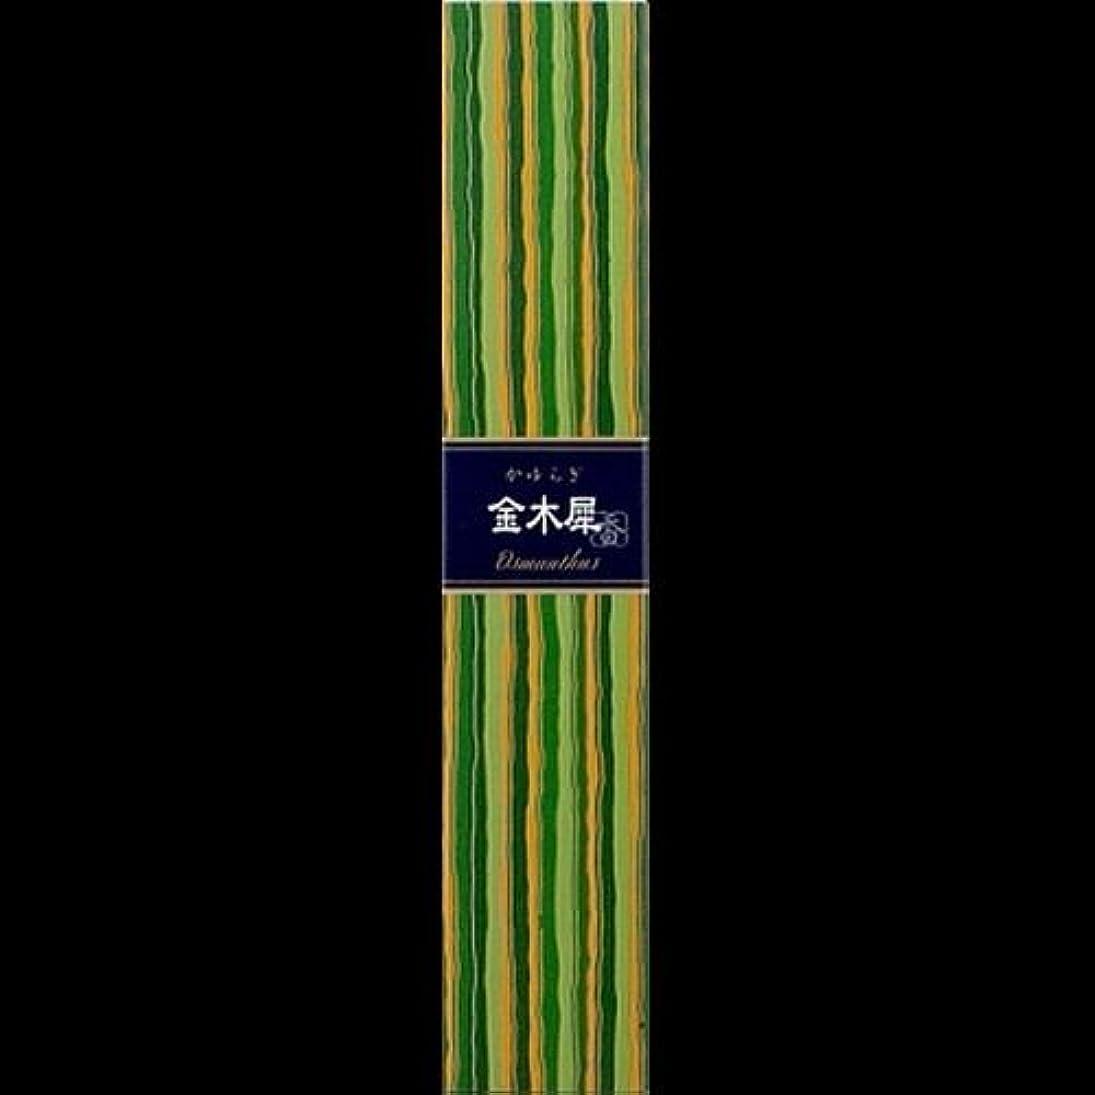 路地伝染病セグメント【まとめ買い】かゆらぎ 金木犀(きんもくせい) ×2セット